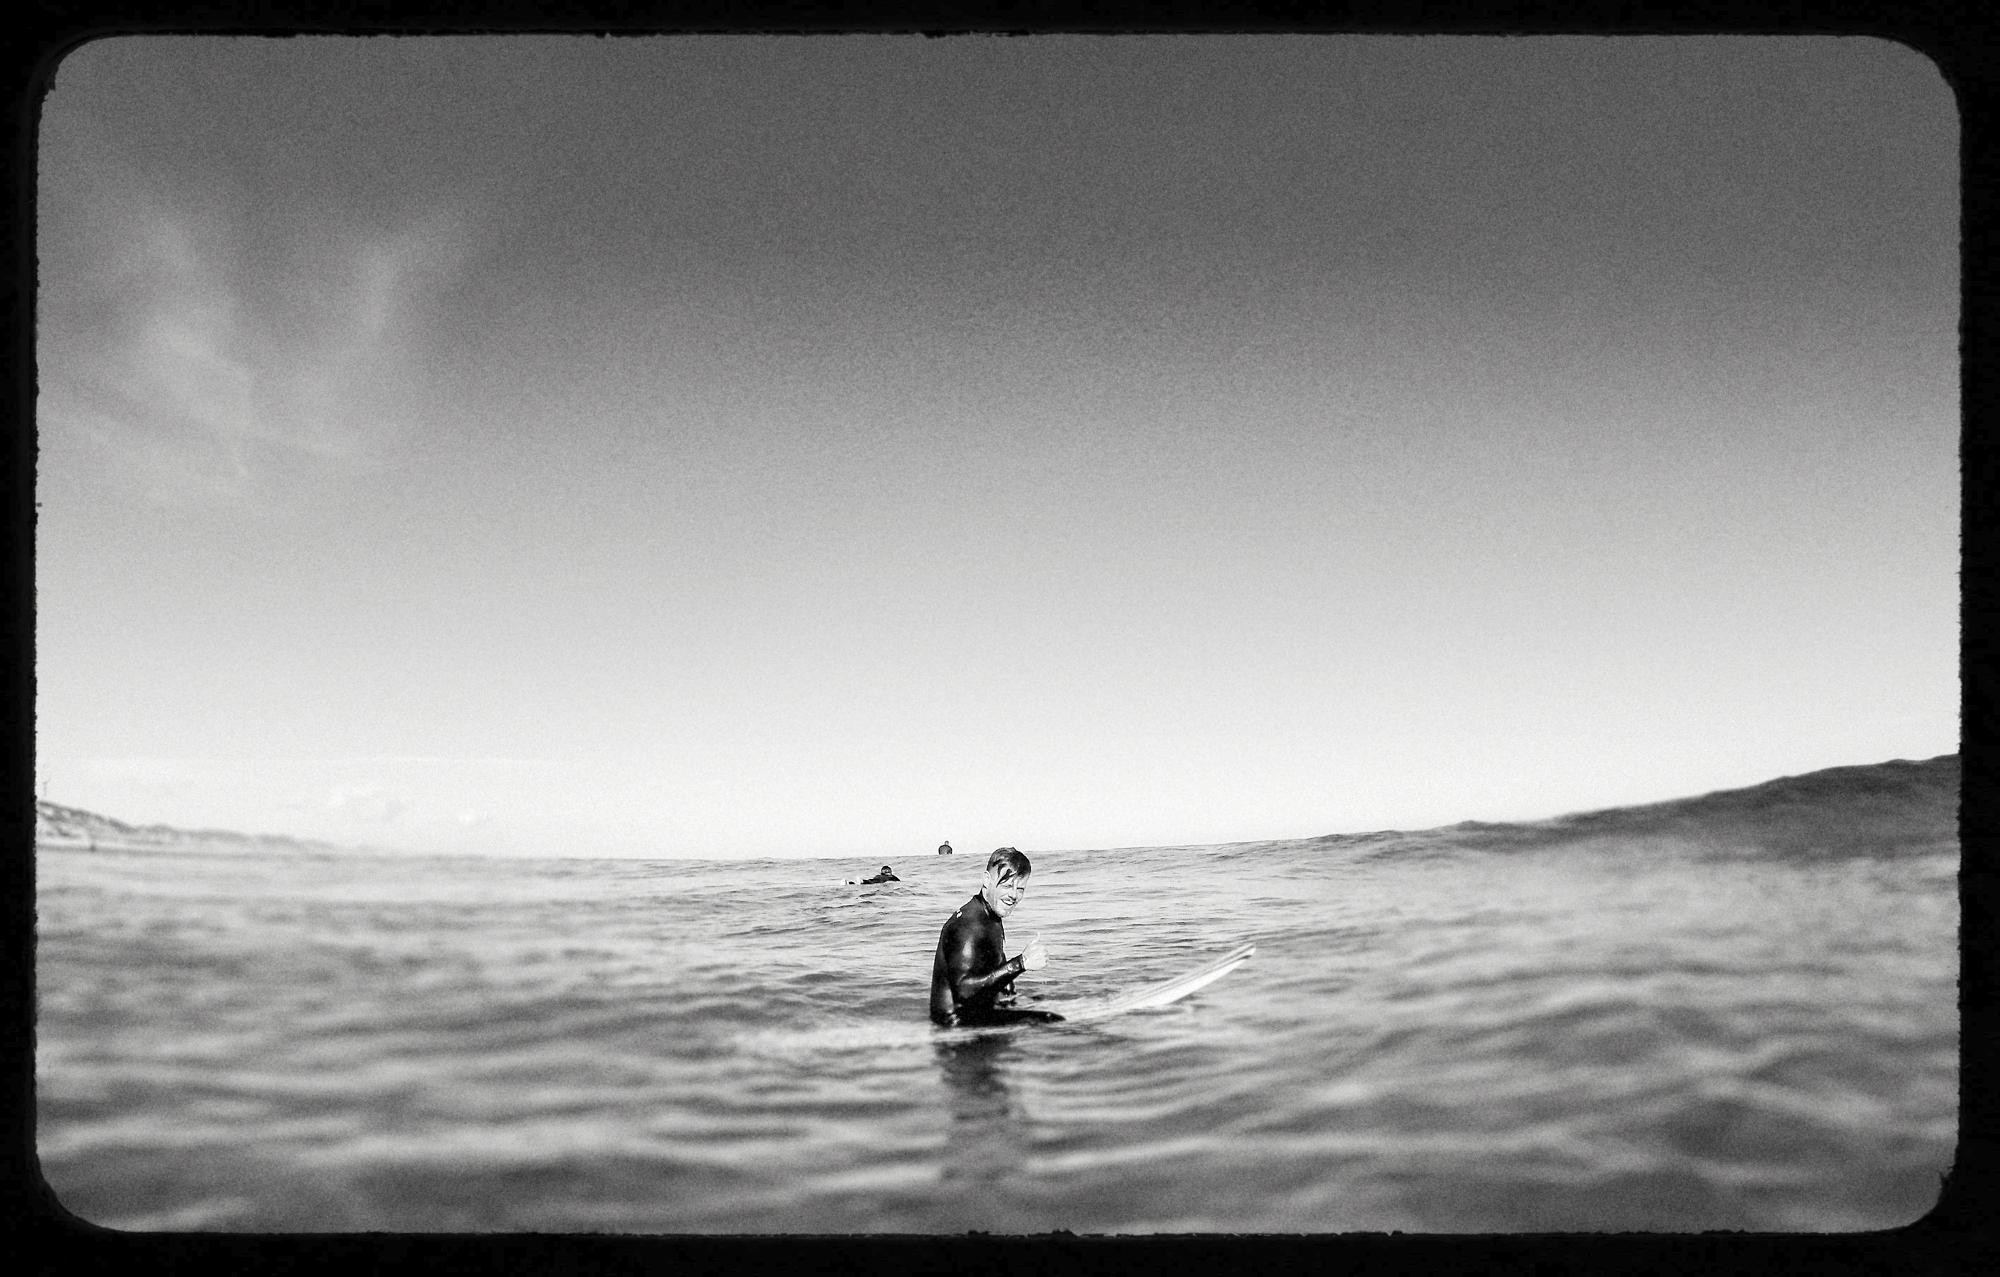 Surfing-411.jpg